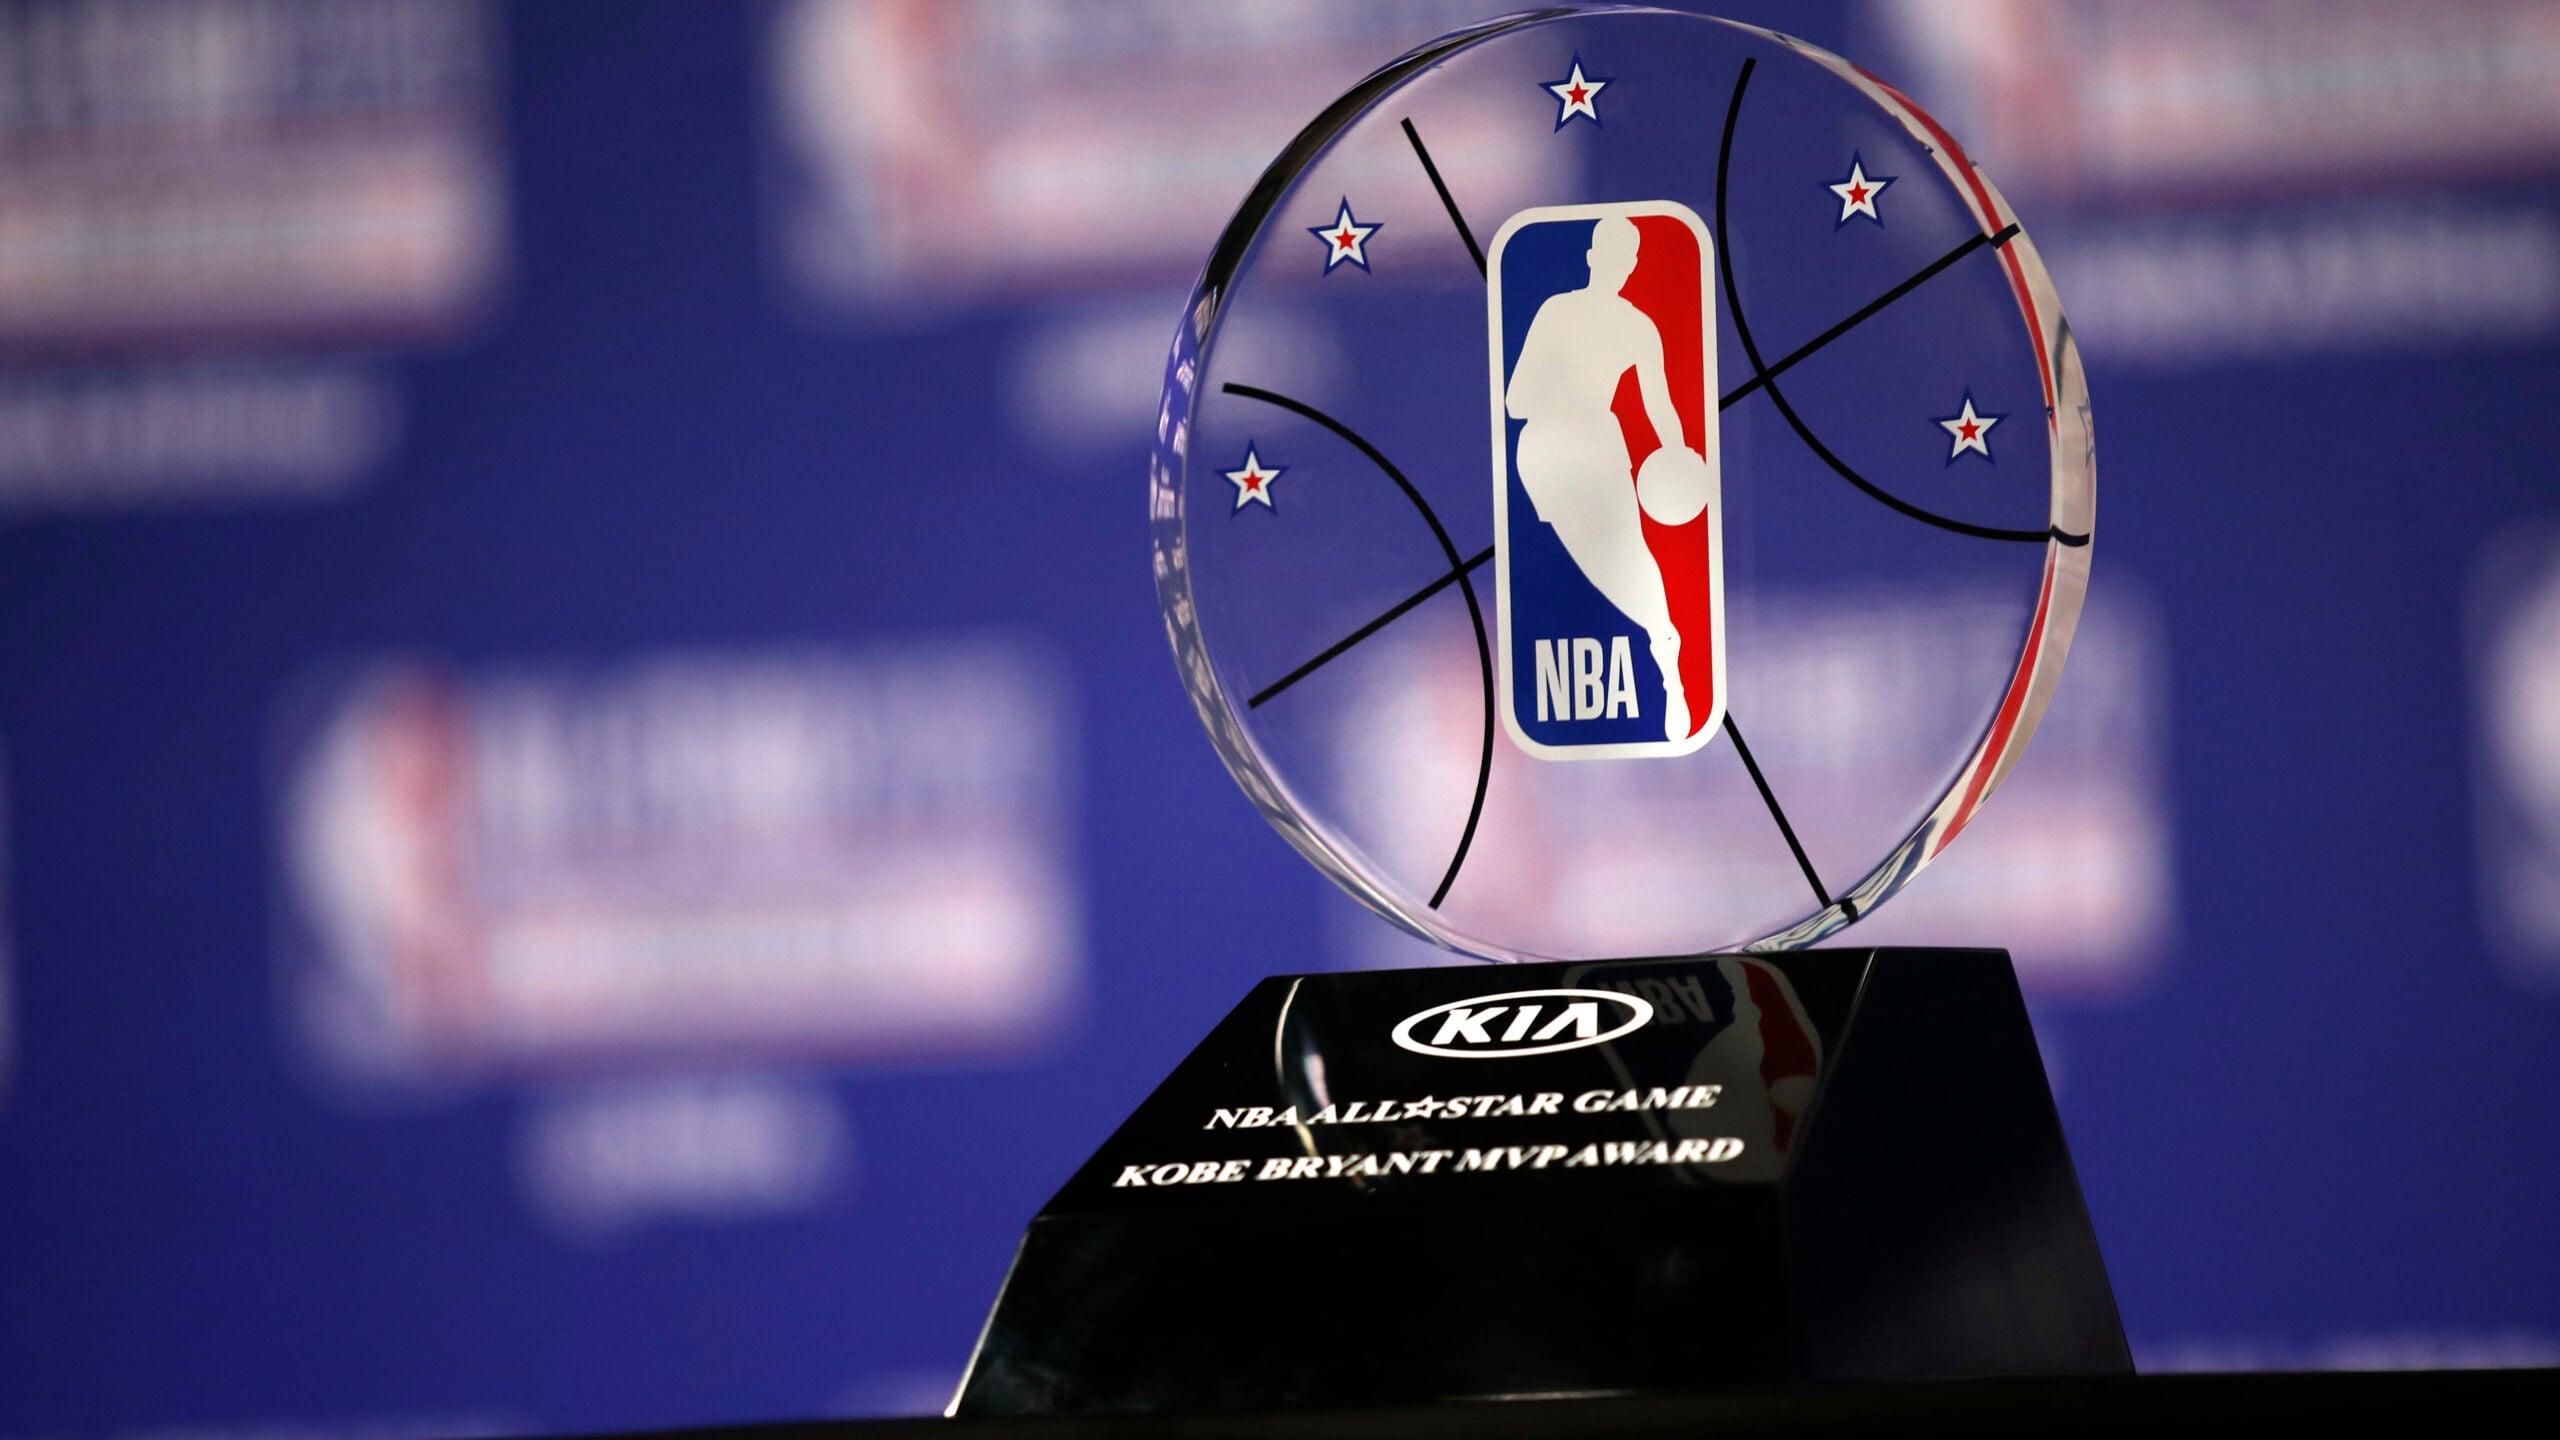 Kia expands partnership with NBA, WNBA and G League